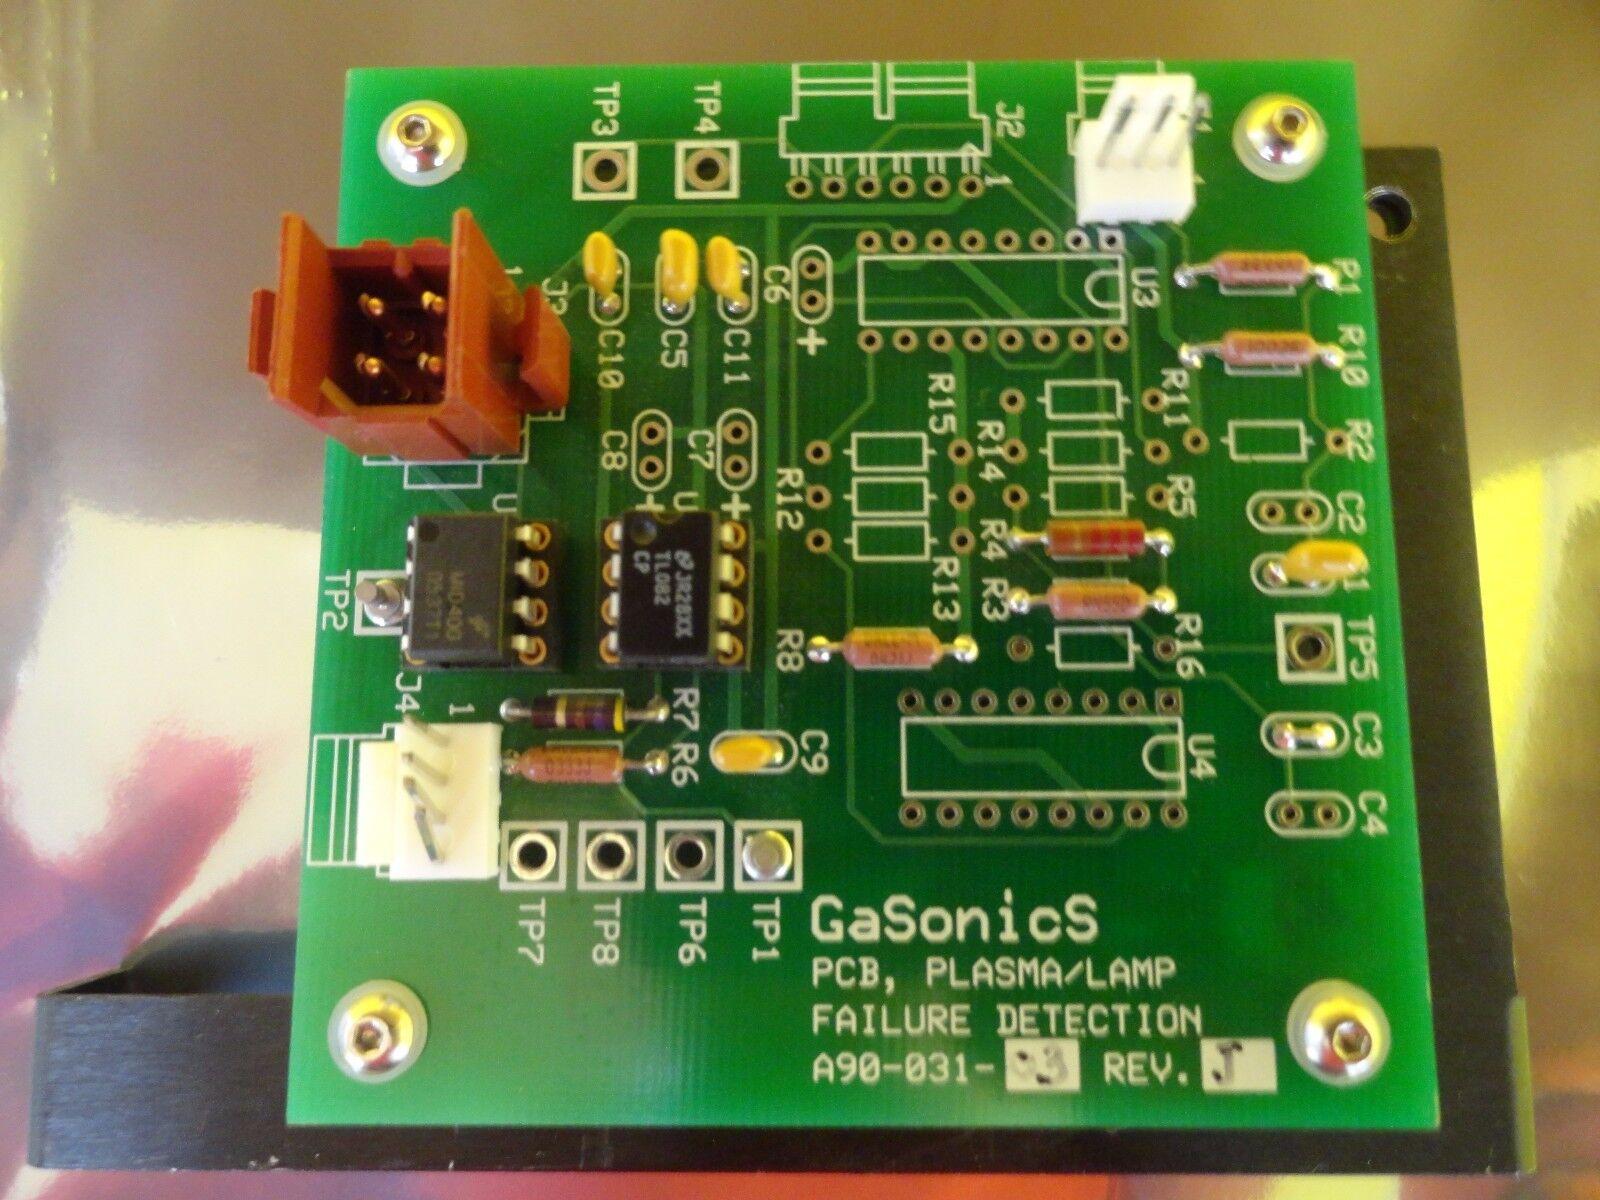 Gasonics a90-031-03 plasma/lamp detección de fallas de PCB PCB PCB Rev. h de trabajo usados c5b2a4